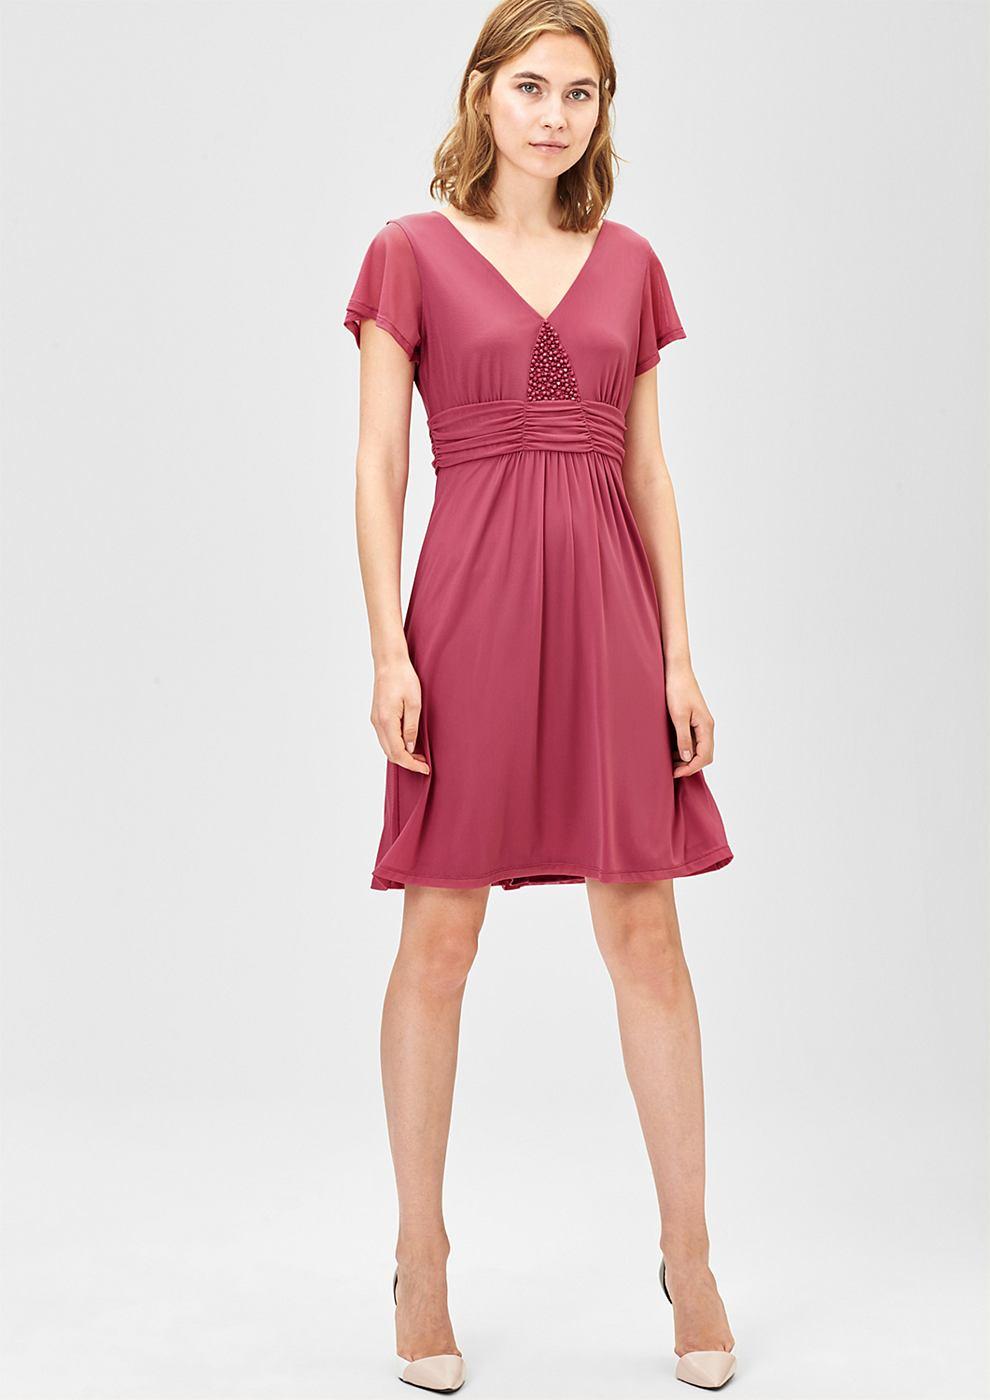 s.Oliver Premium Mesh jurk met siersteentjes roze